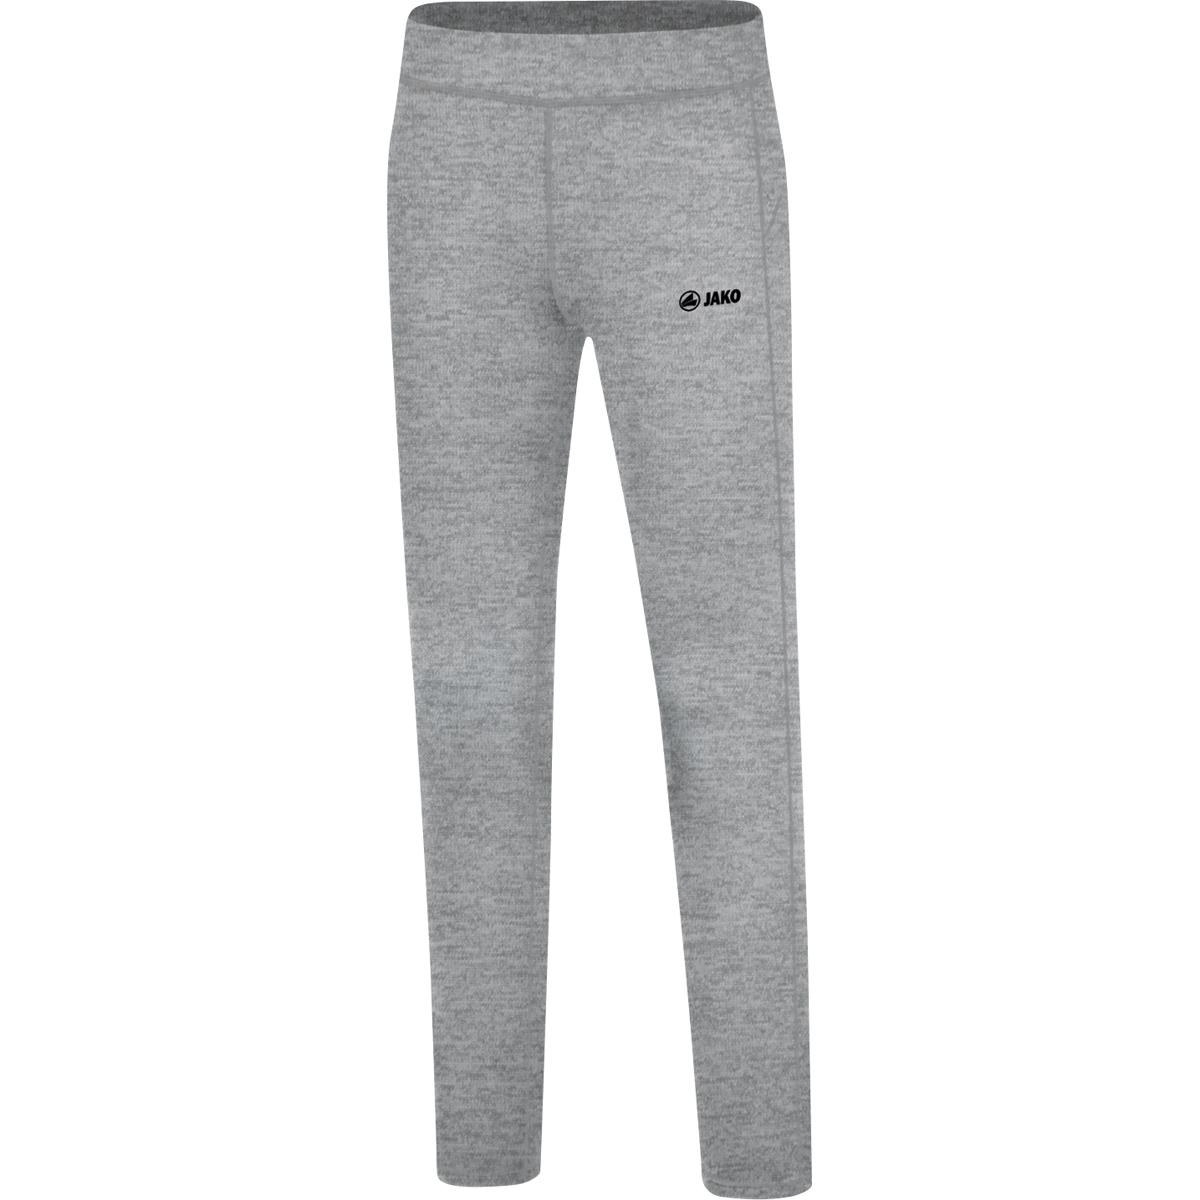 Jazzpants Shape 2.0 - Frauen | Jako 6549